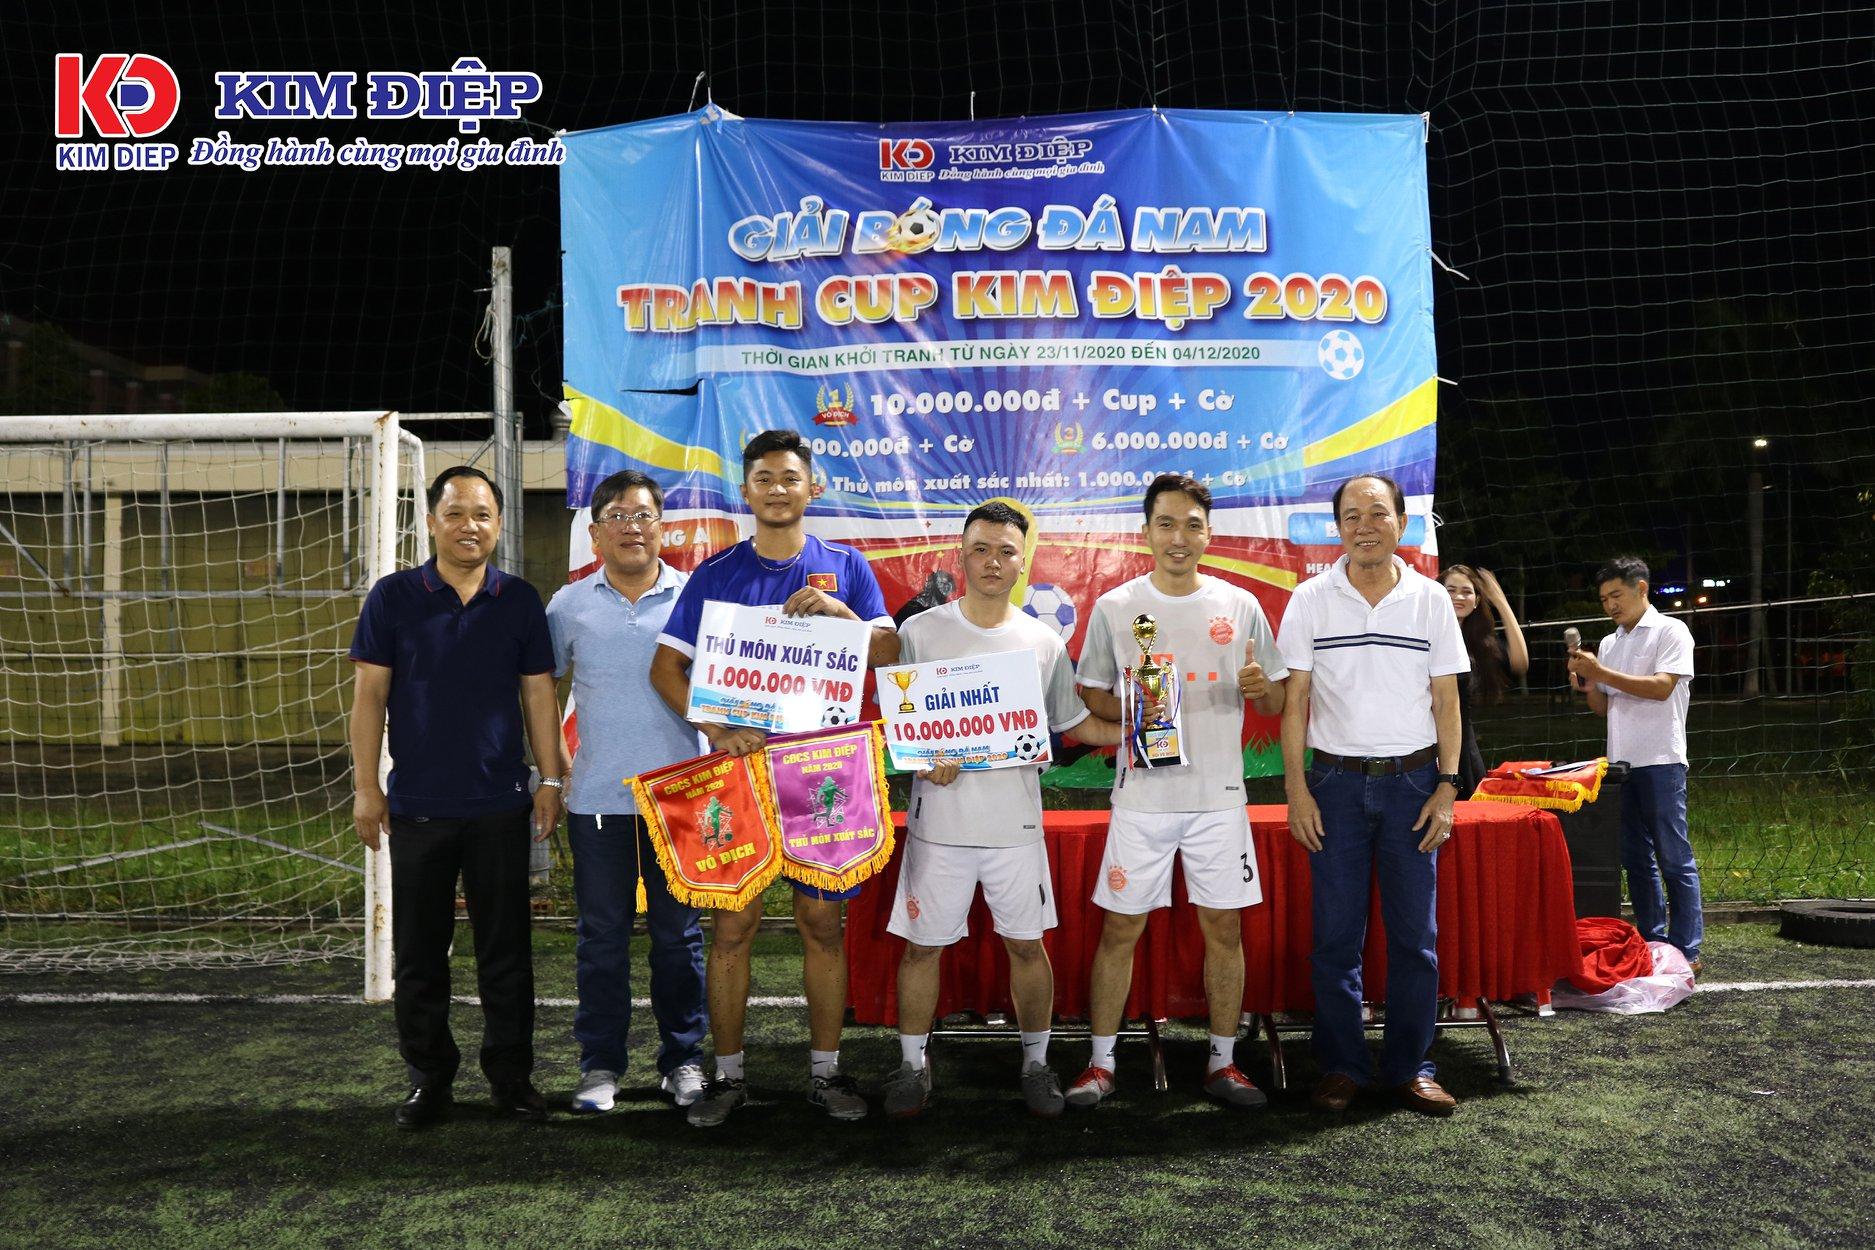 Bế mạc giải bóng đá tranh Cup Kim Điệp năm 2020